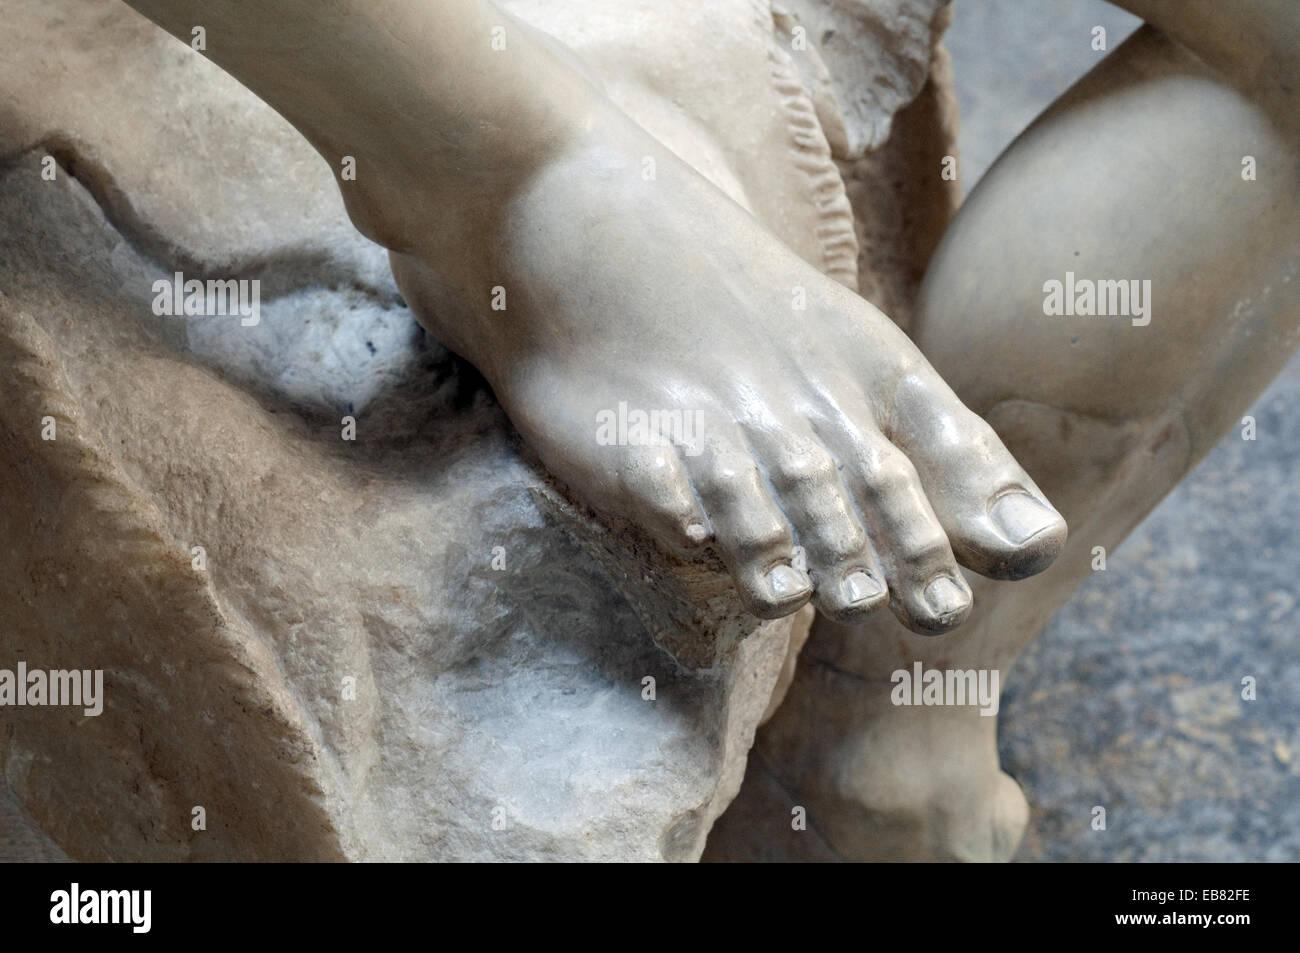 34 Faun Satyr God Pan Photos - Free & Royalty-Free Stock